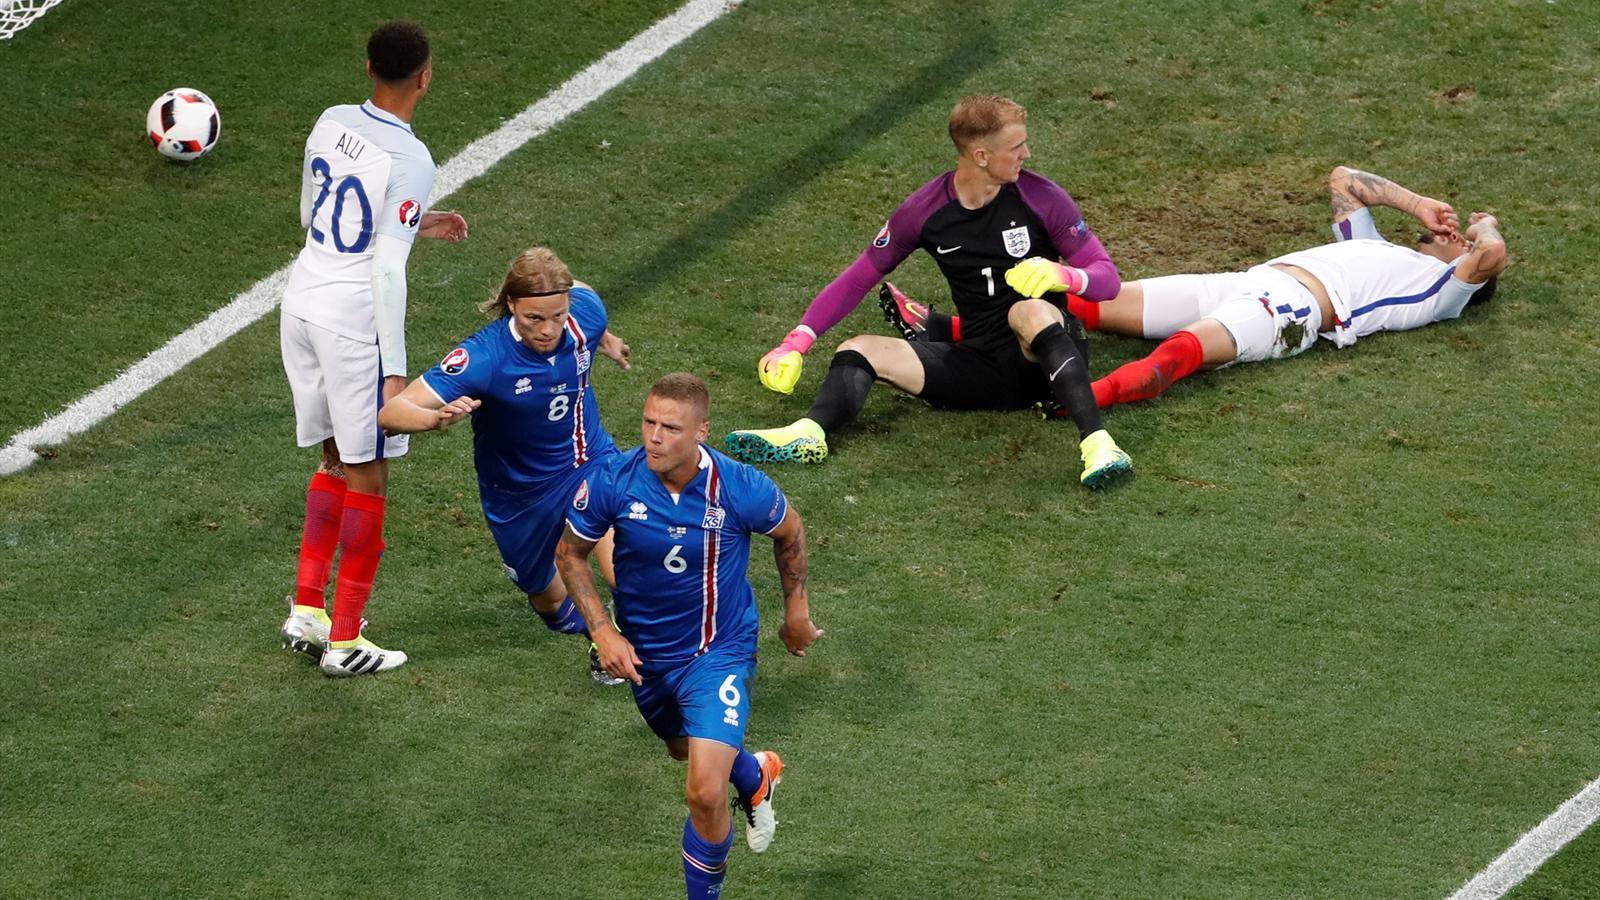 туда футбол картинки на тему игры исландия англия феврале